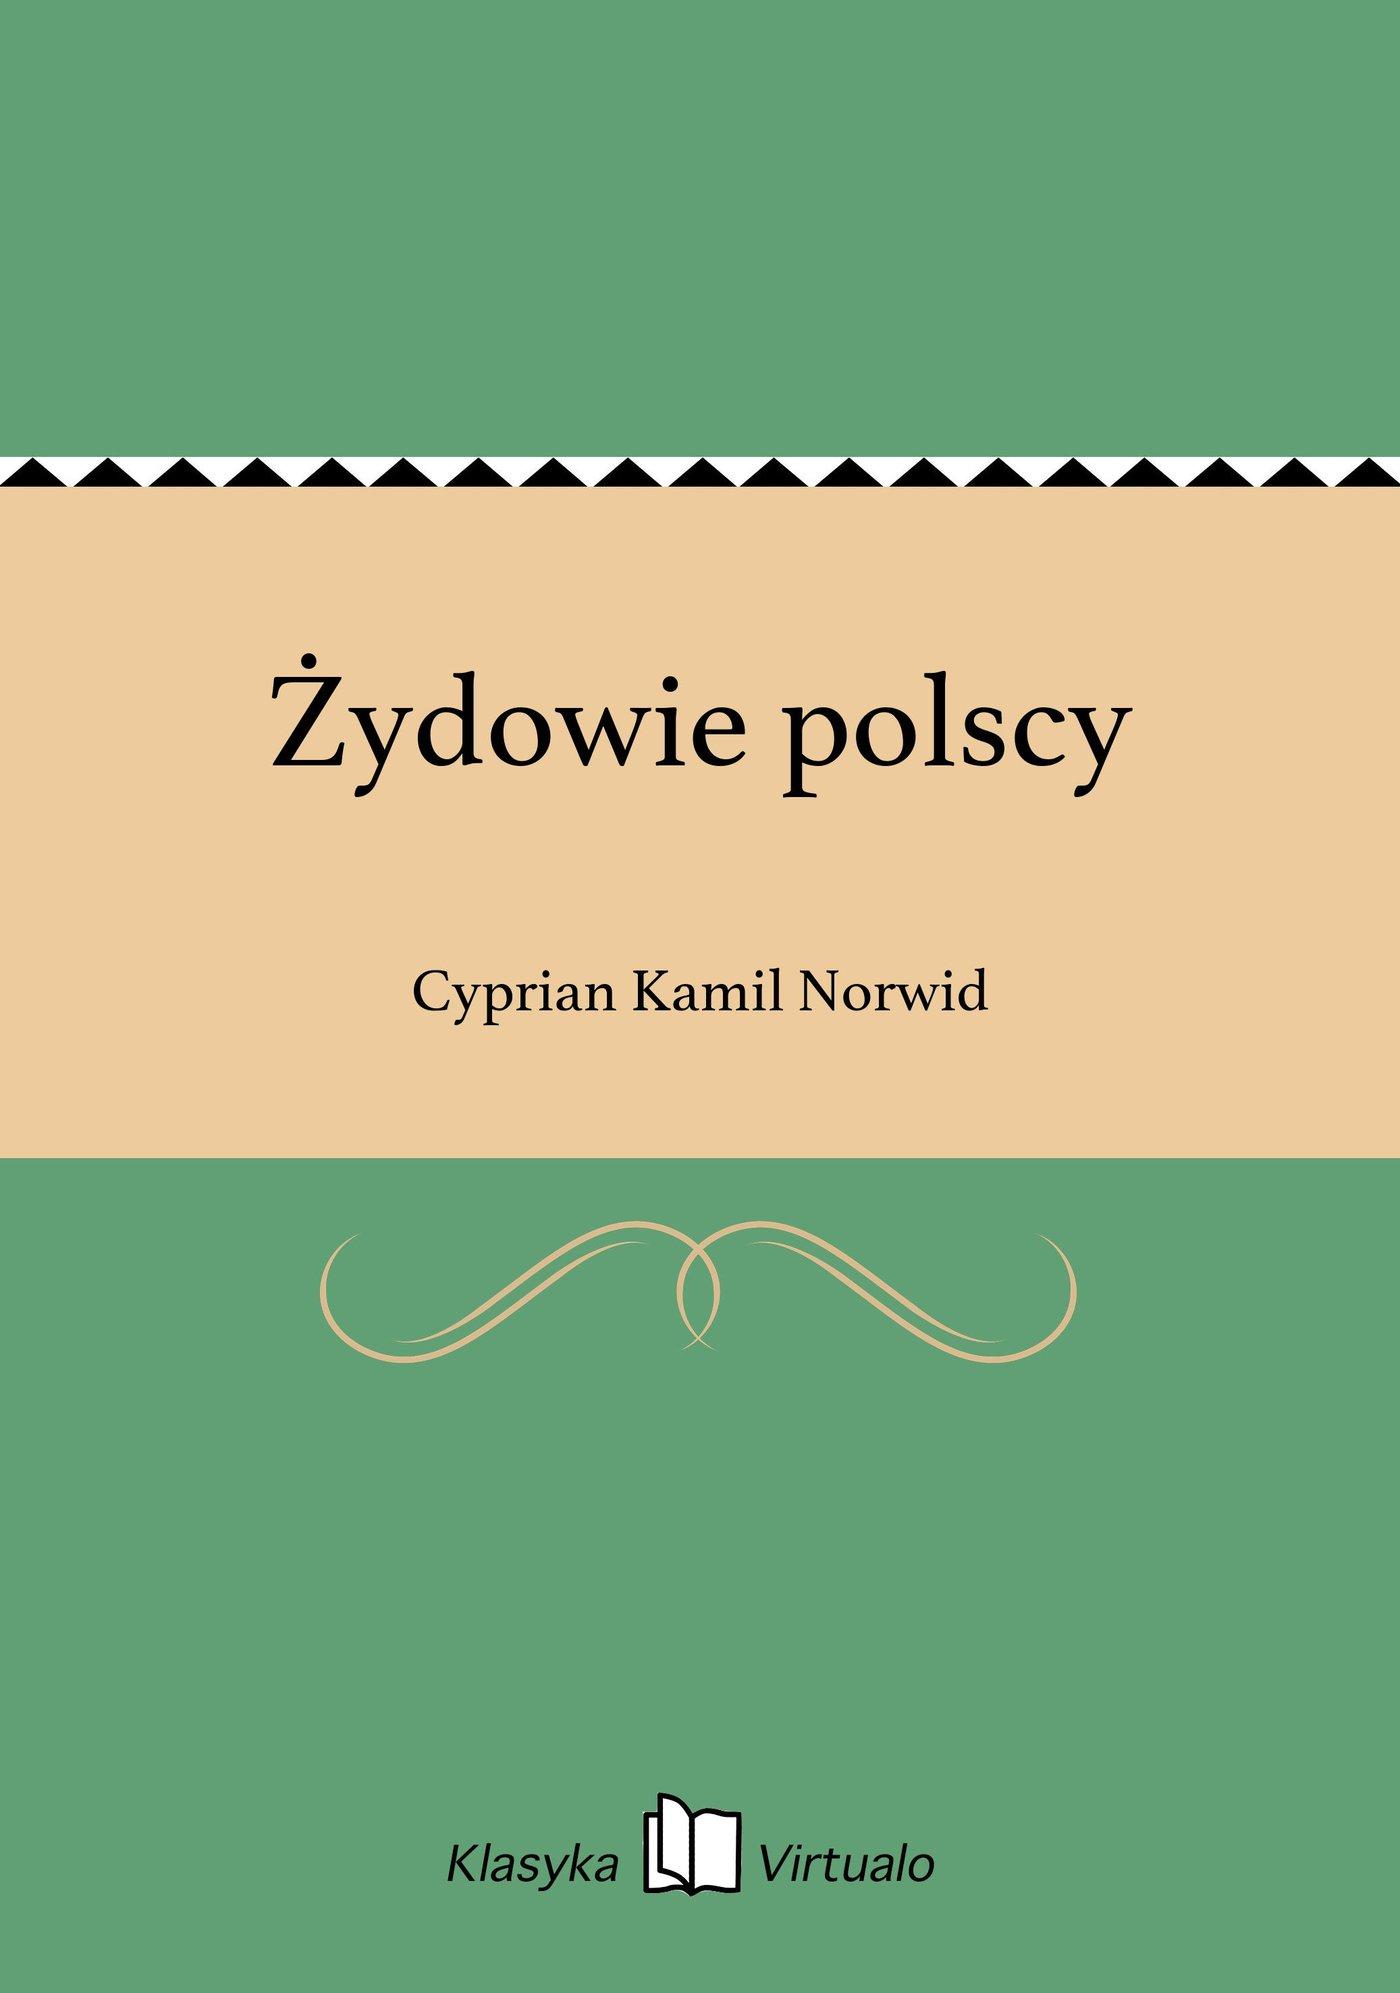 Żydowie polscy - Ebook (Książka EPUB) do pobrania w formacie EPUB